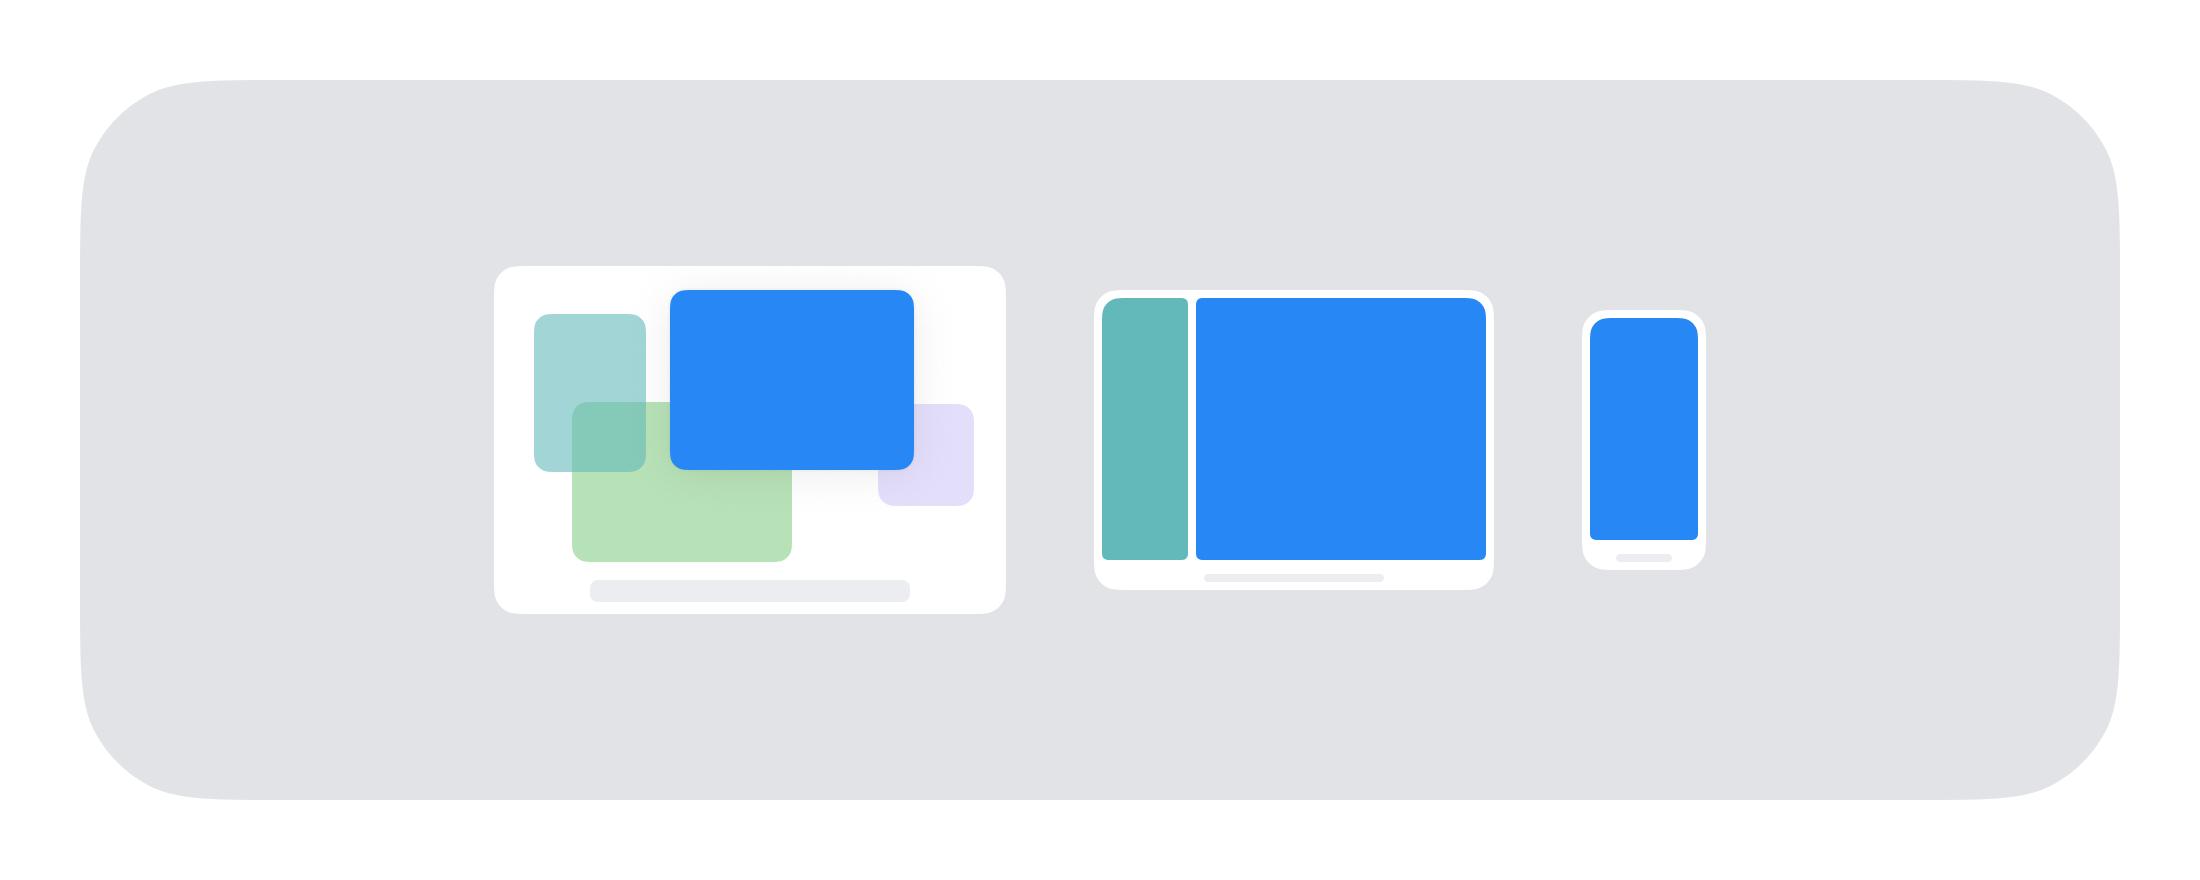 Сколько фокусов внимания может сохранять пользователь на разных девайсах